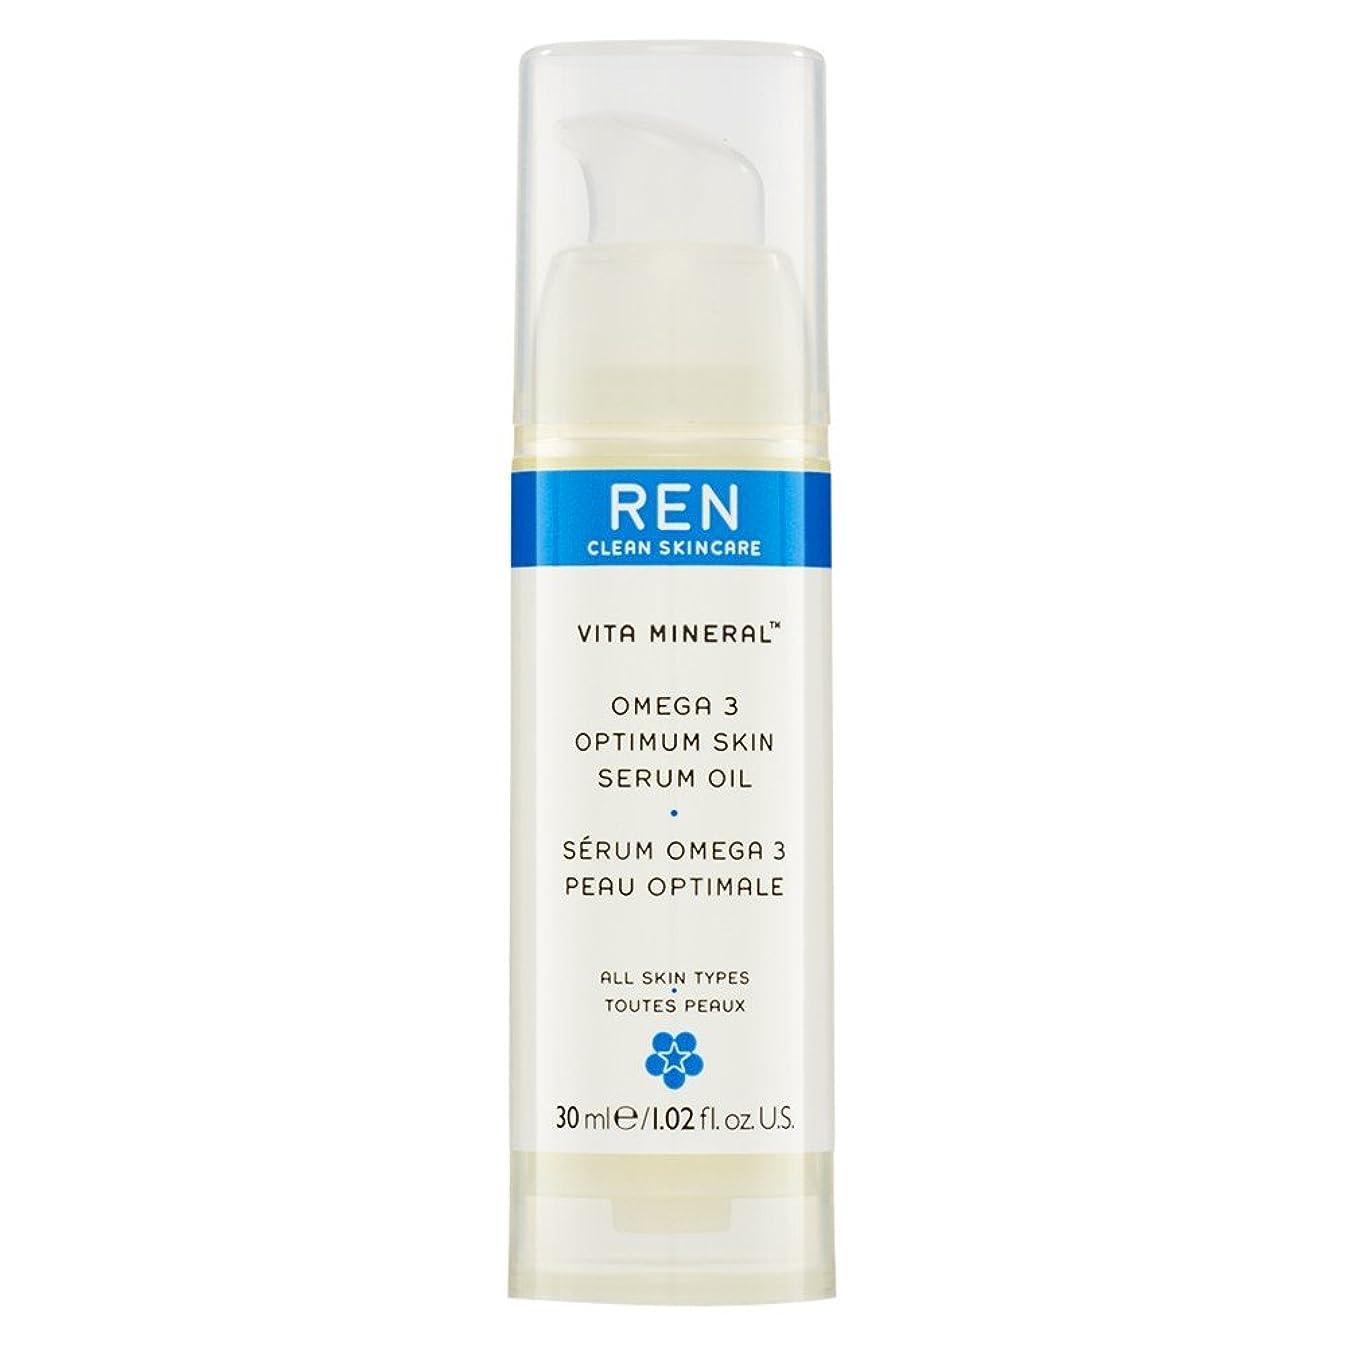 スカーフジャンク弾性Renヴィータミネラル?オメガ3の最適な肌の血清オイル30ミリリットル (REN) (x6) - REN Vita Mineral? Omega 3 Optimum Skin Serum Oil 30ml (Pack of 6) [並行輸入品]